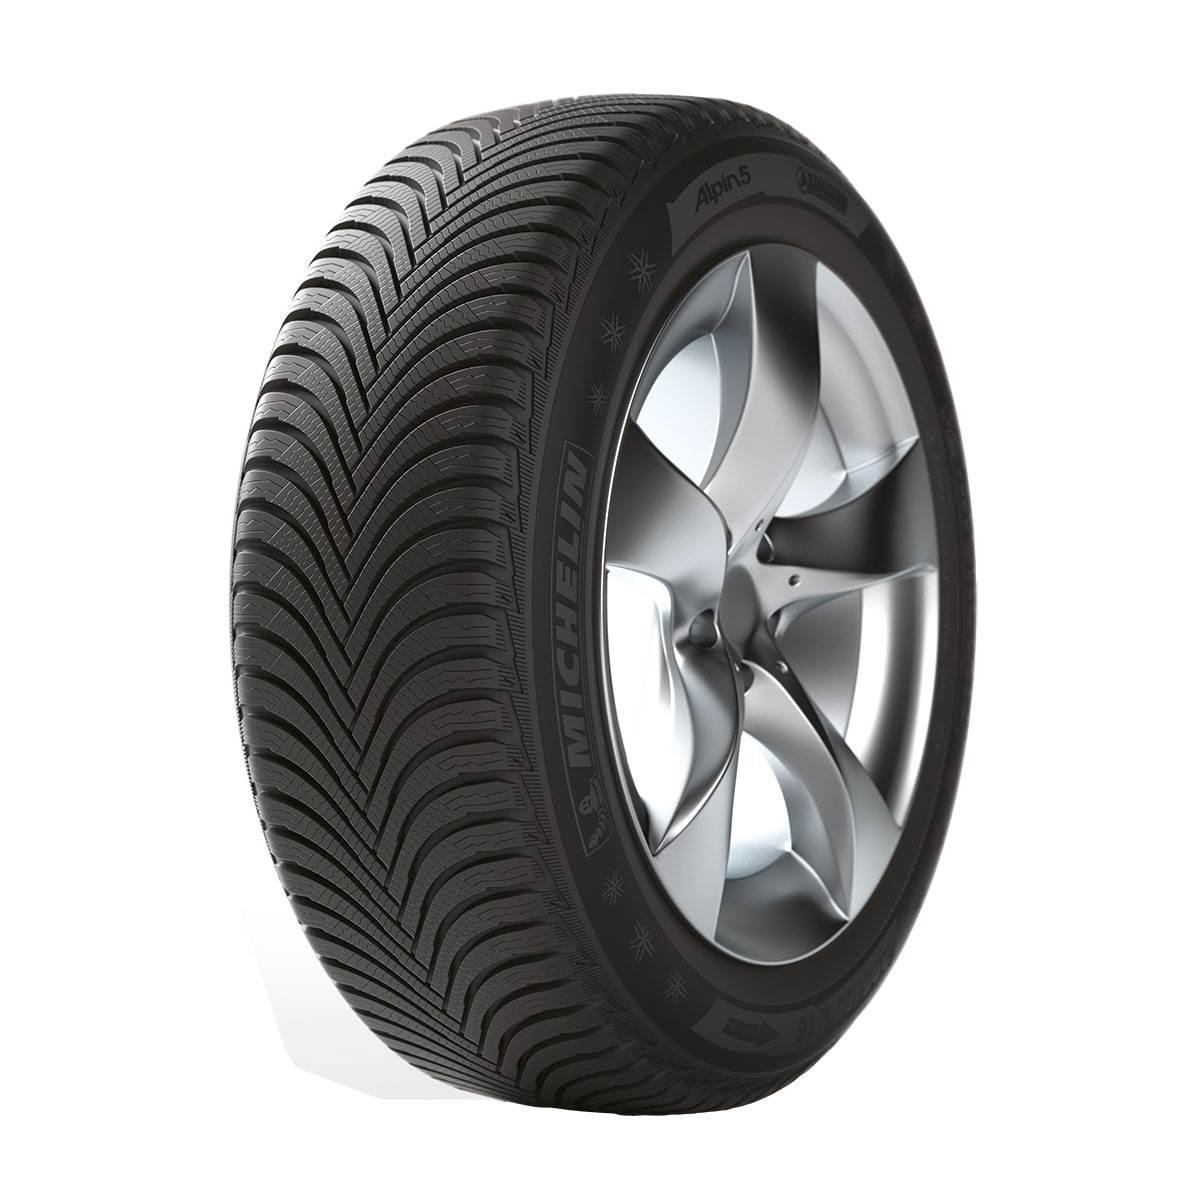 Pneu Hiver Michelin 215/55R16 97H Alpin A5 XL